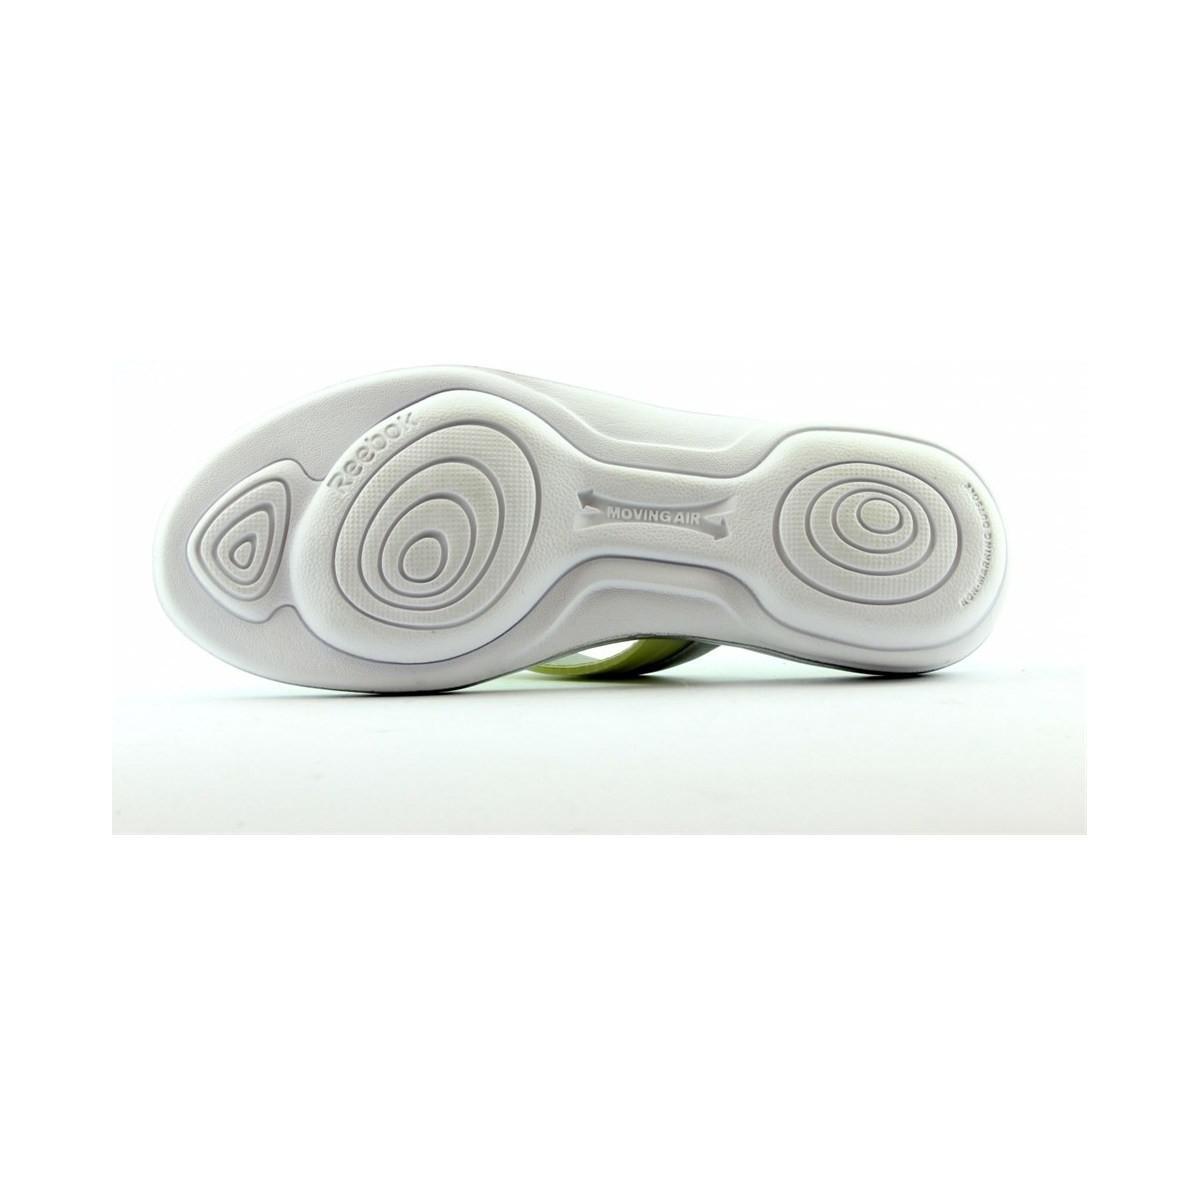 c129f41ff24d Reebok Easytone Plus Flip Women s Flip Flops   Sandals (shoes) In ...